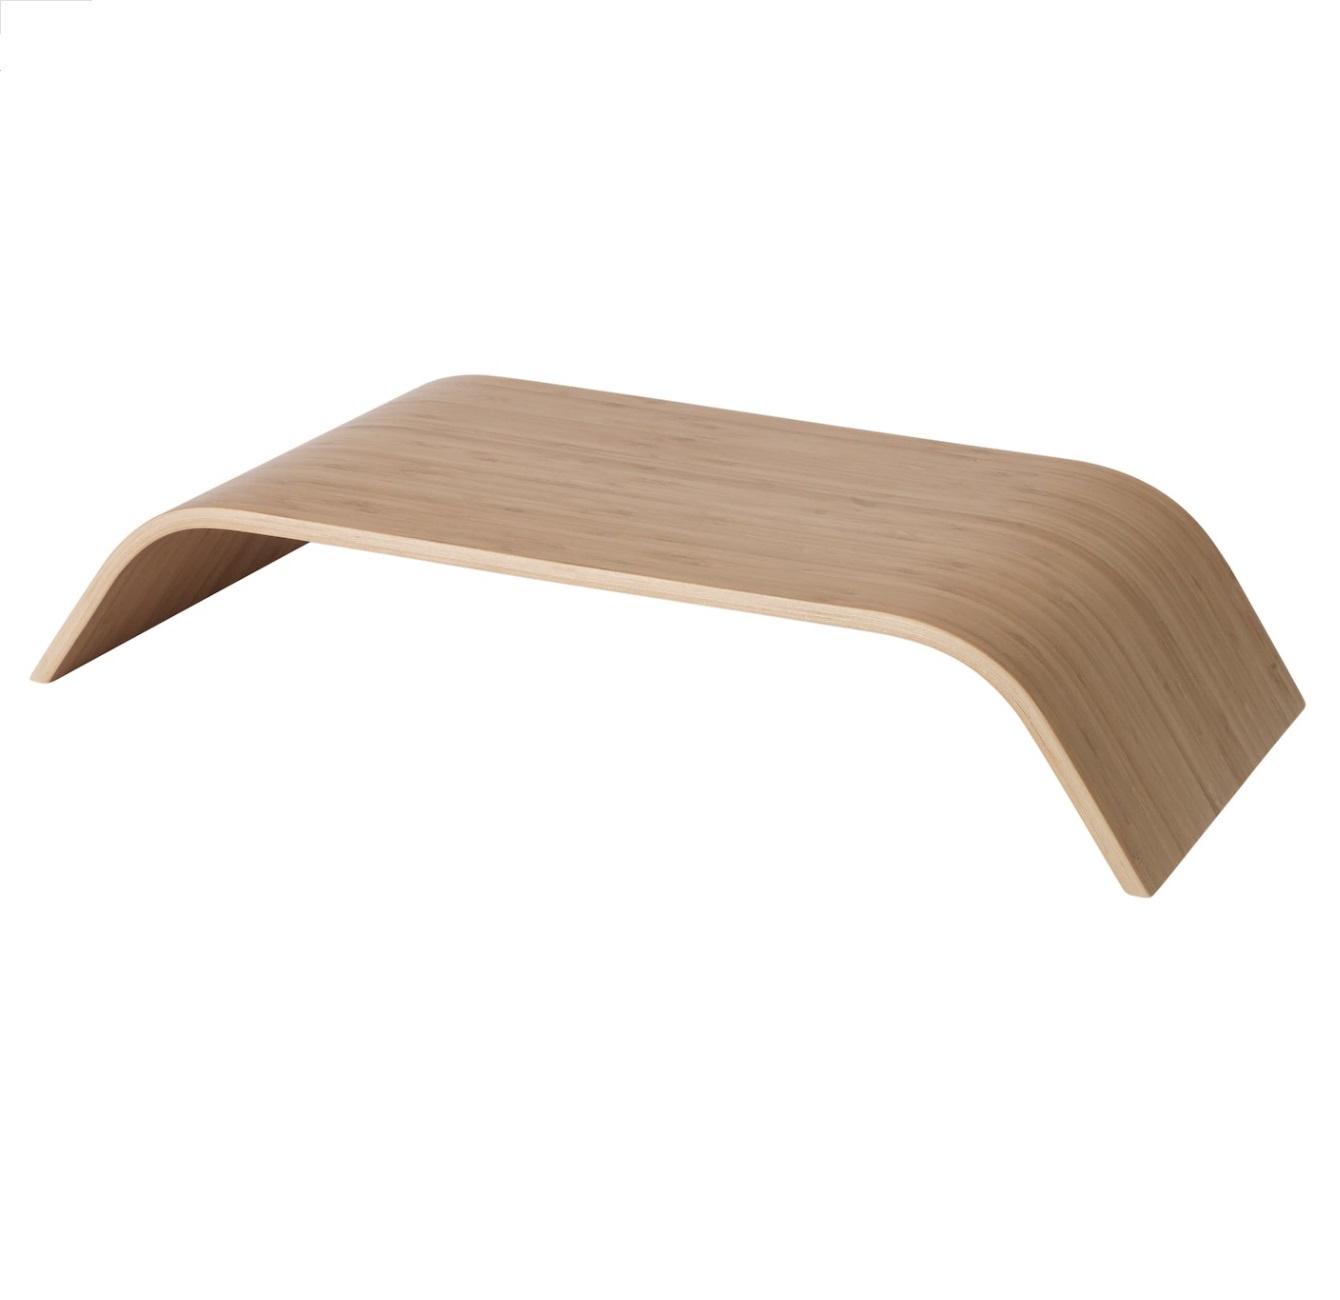 podstawka pod monitor bambus